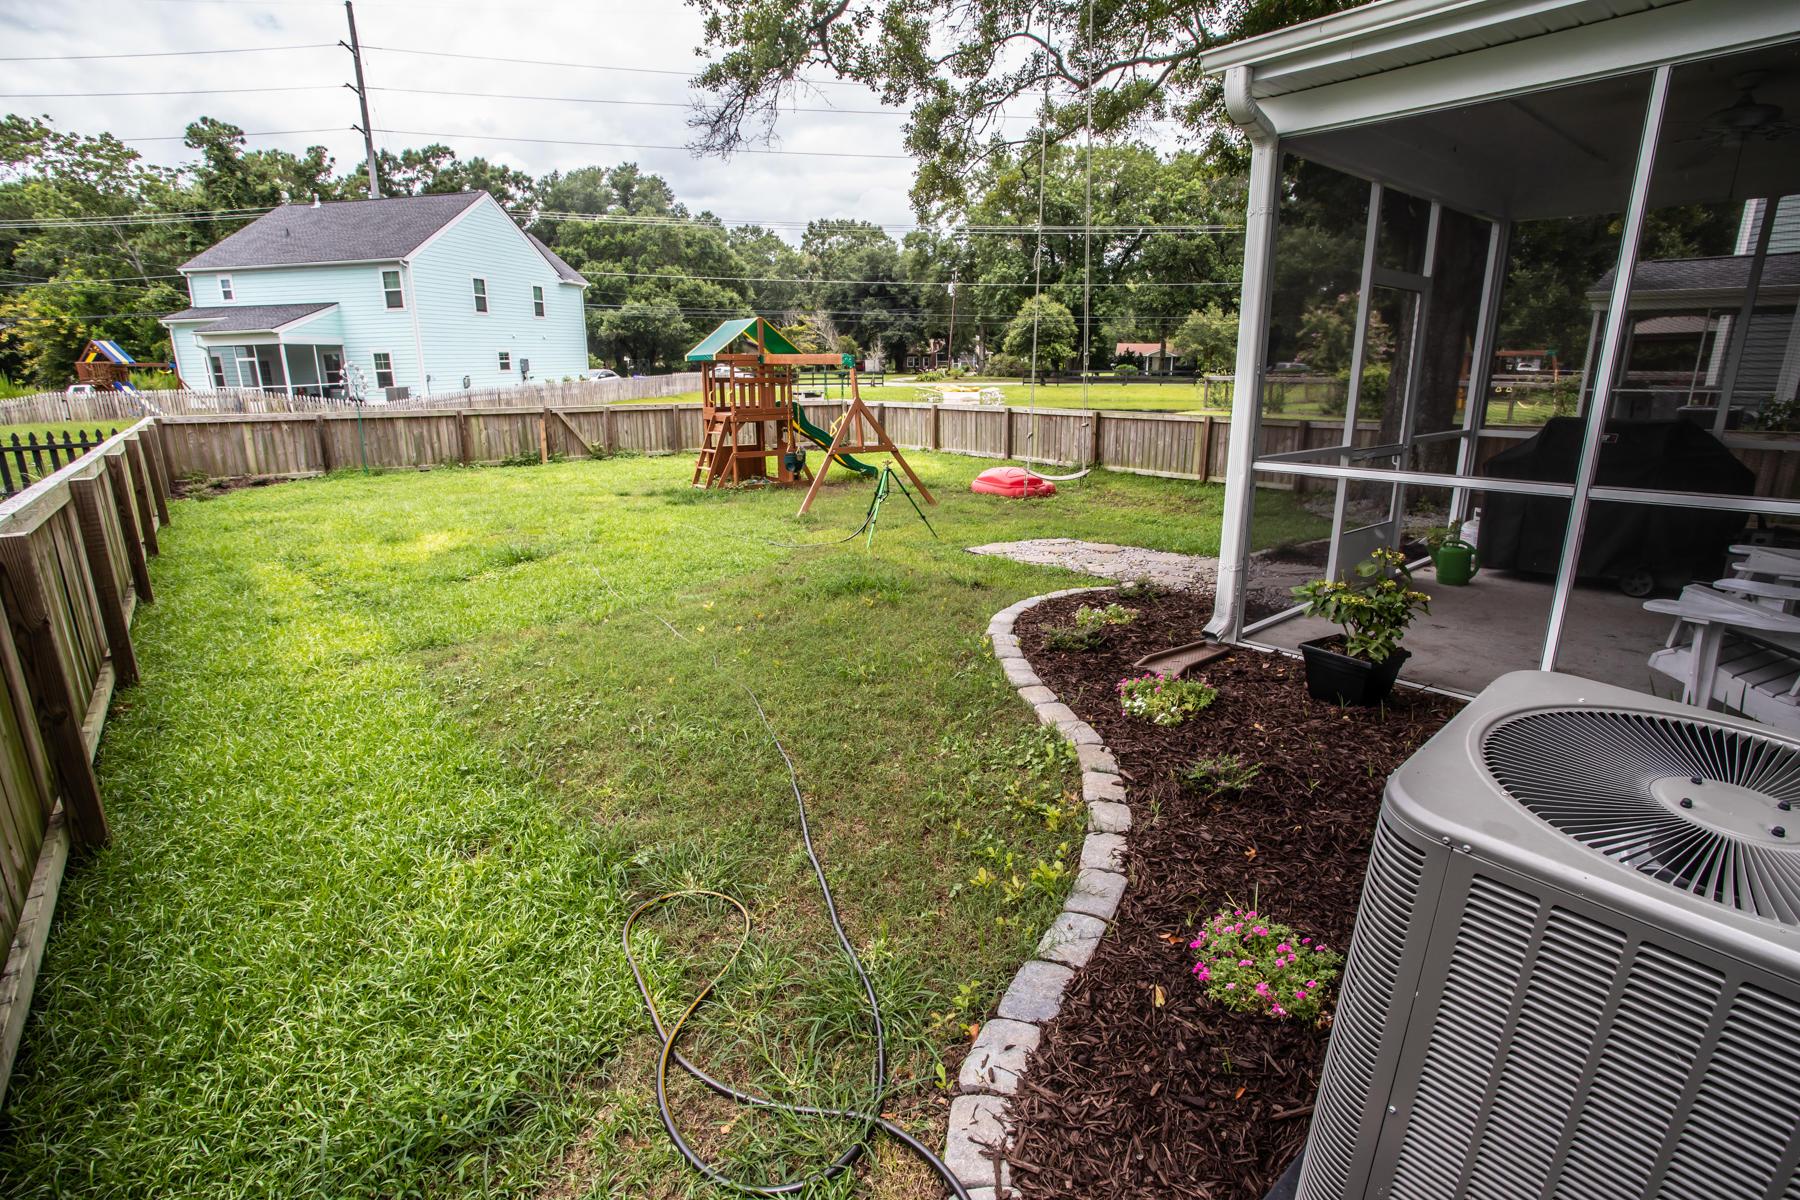 Pemberton Farms Homes For Sale - 1135 Pemberton Farms, Charleston, SC - 23